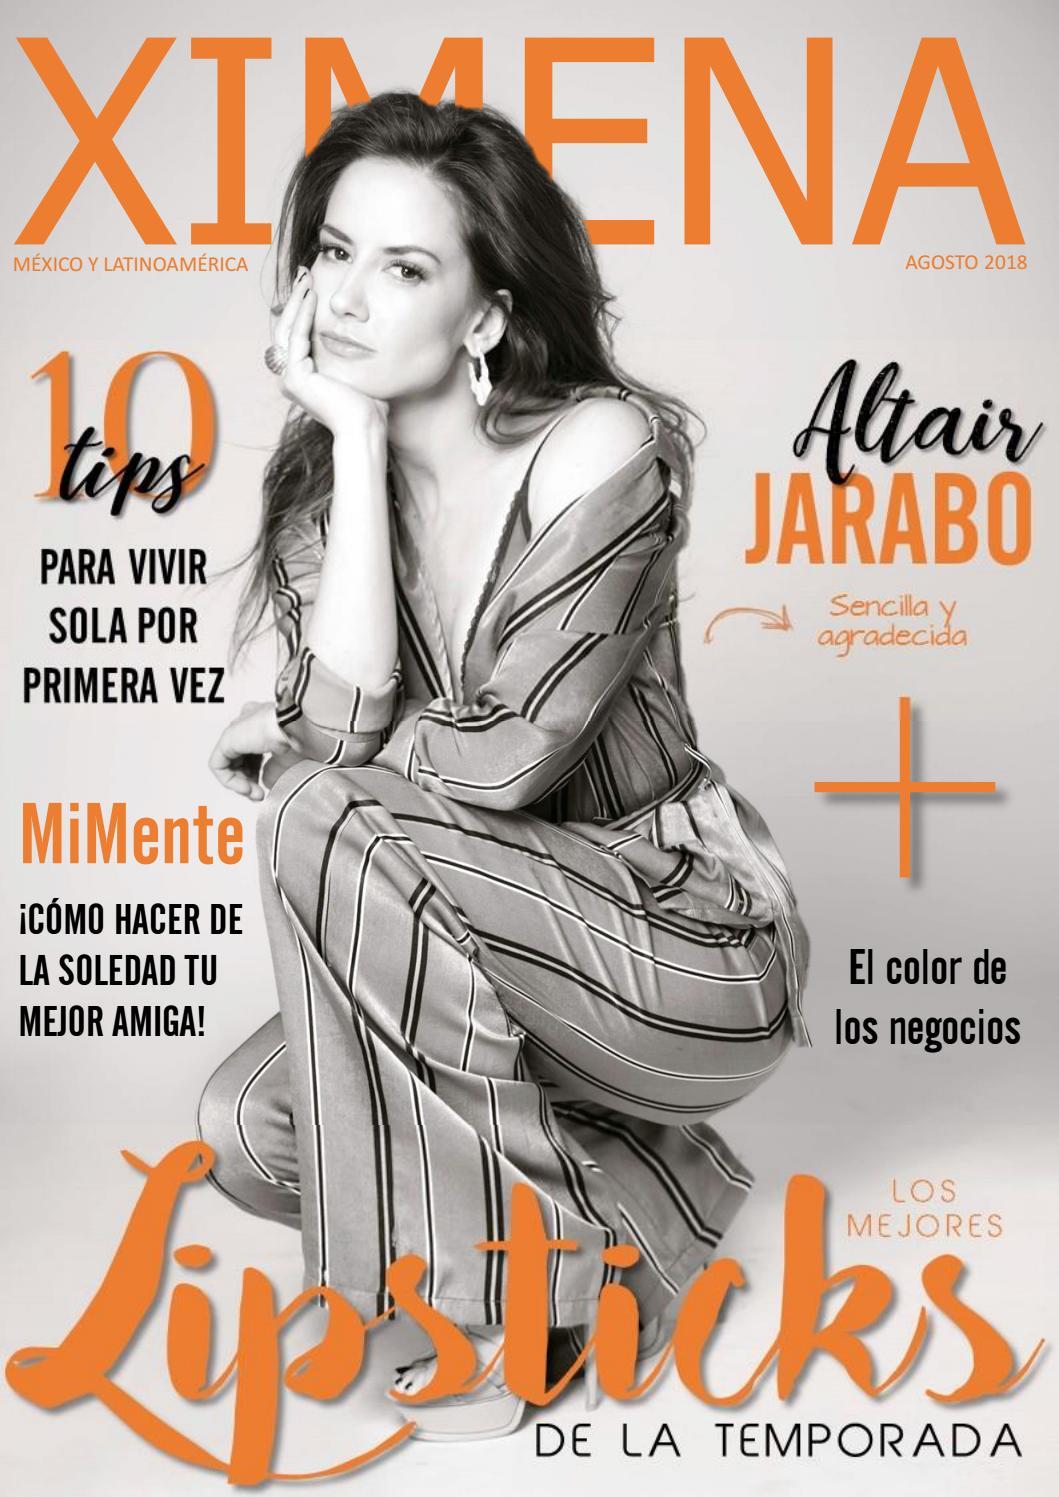 Altair Jarabo Revista H revista ximena - agosto 2018 | altair jaraborevista